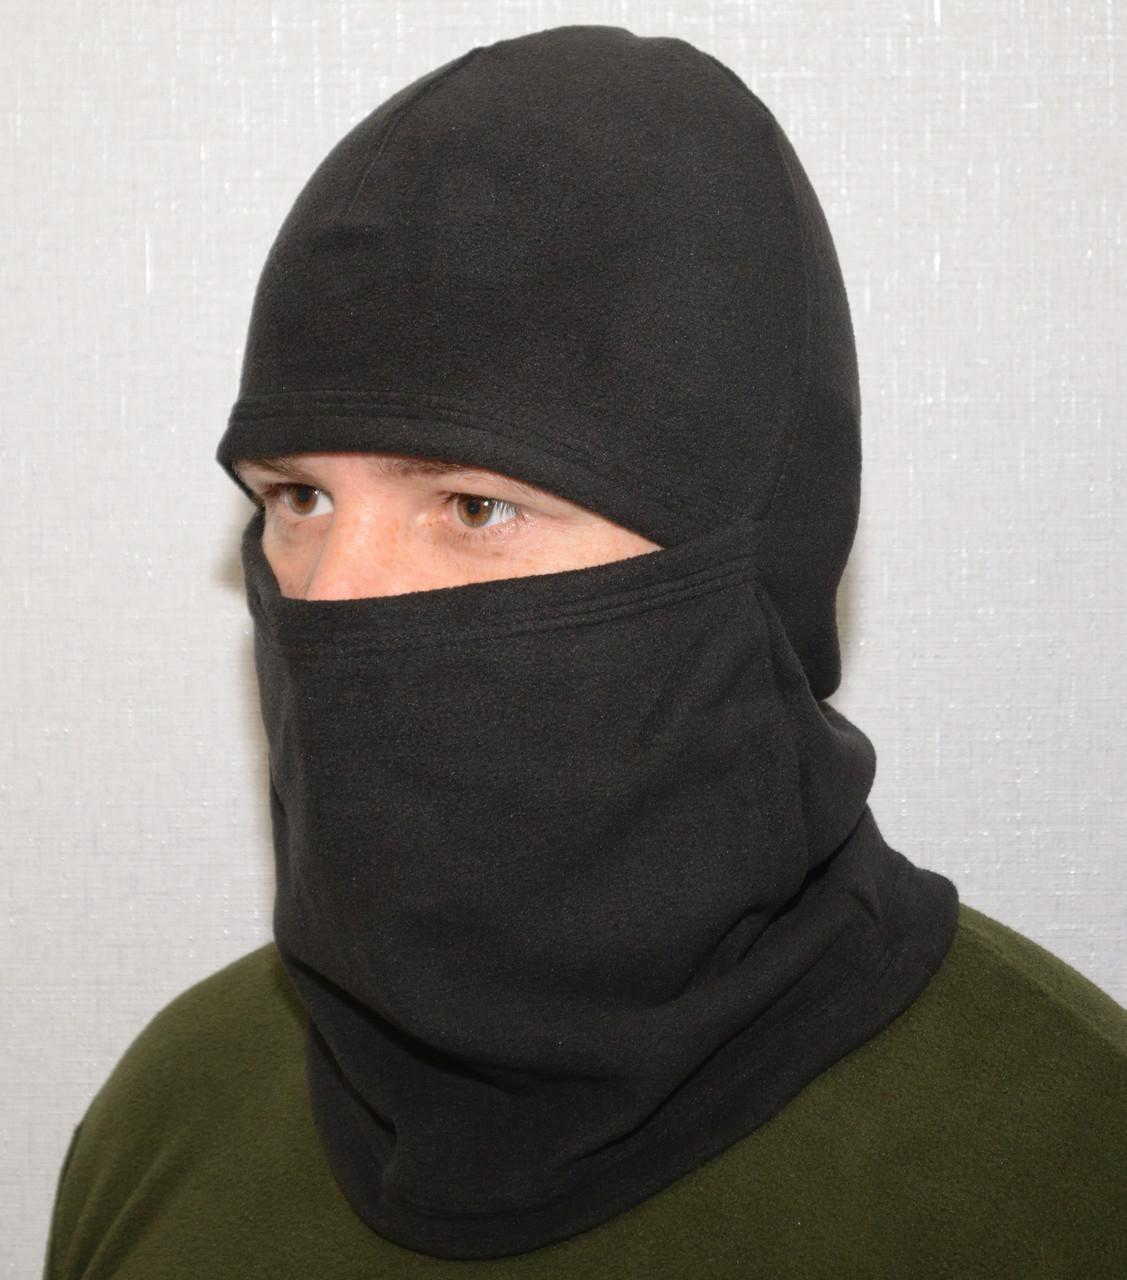 Балаклава з мікрофліса 3 в1 (шапка-шарф-балаклава) чорна (антрацит)